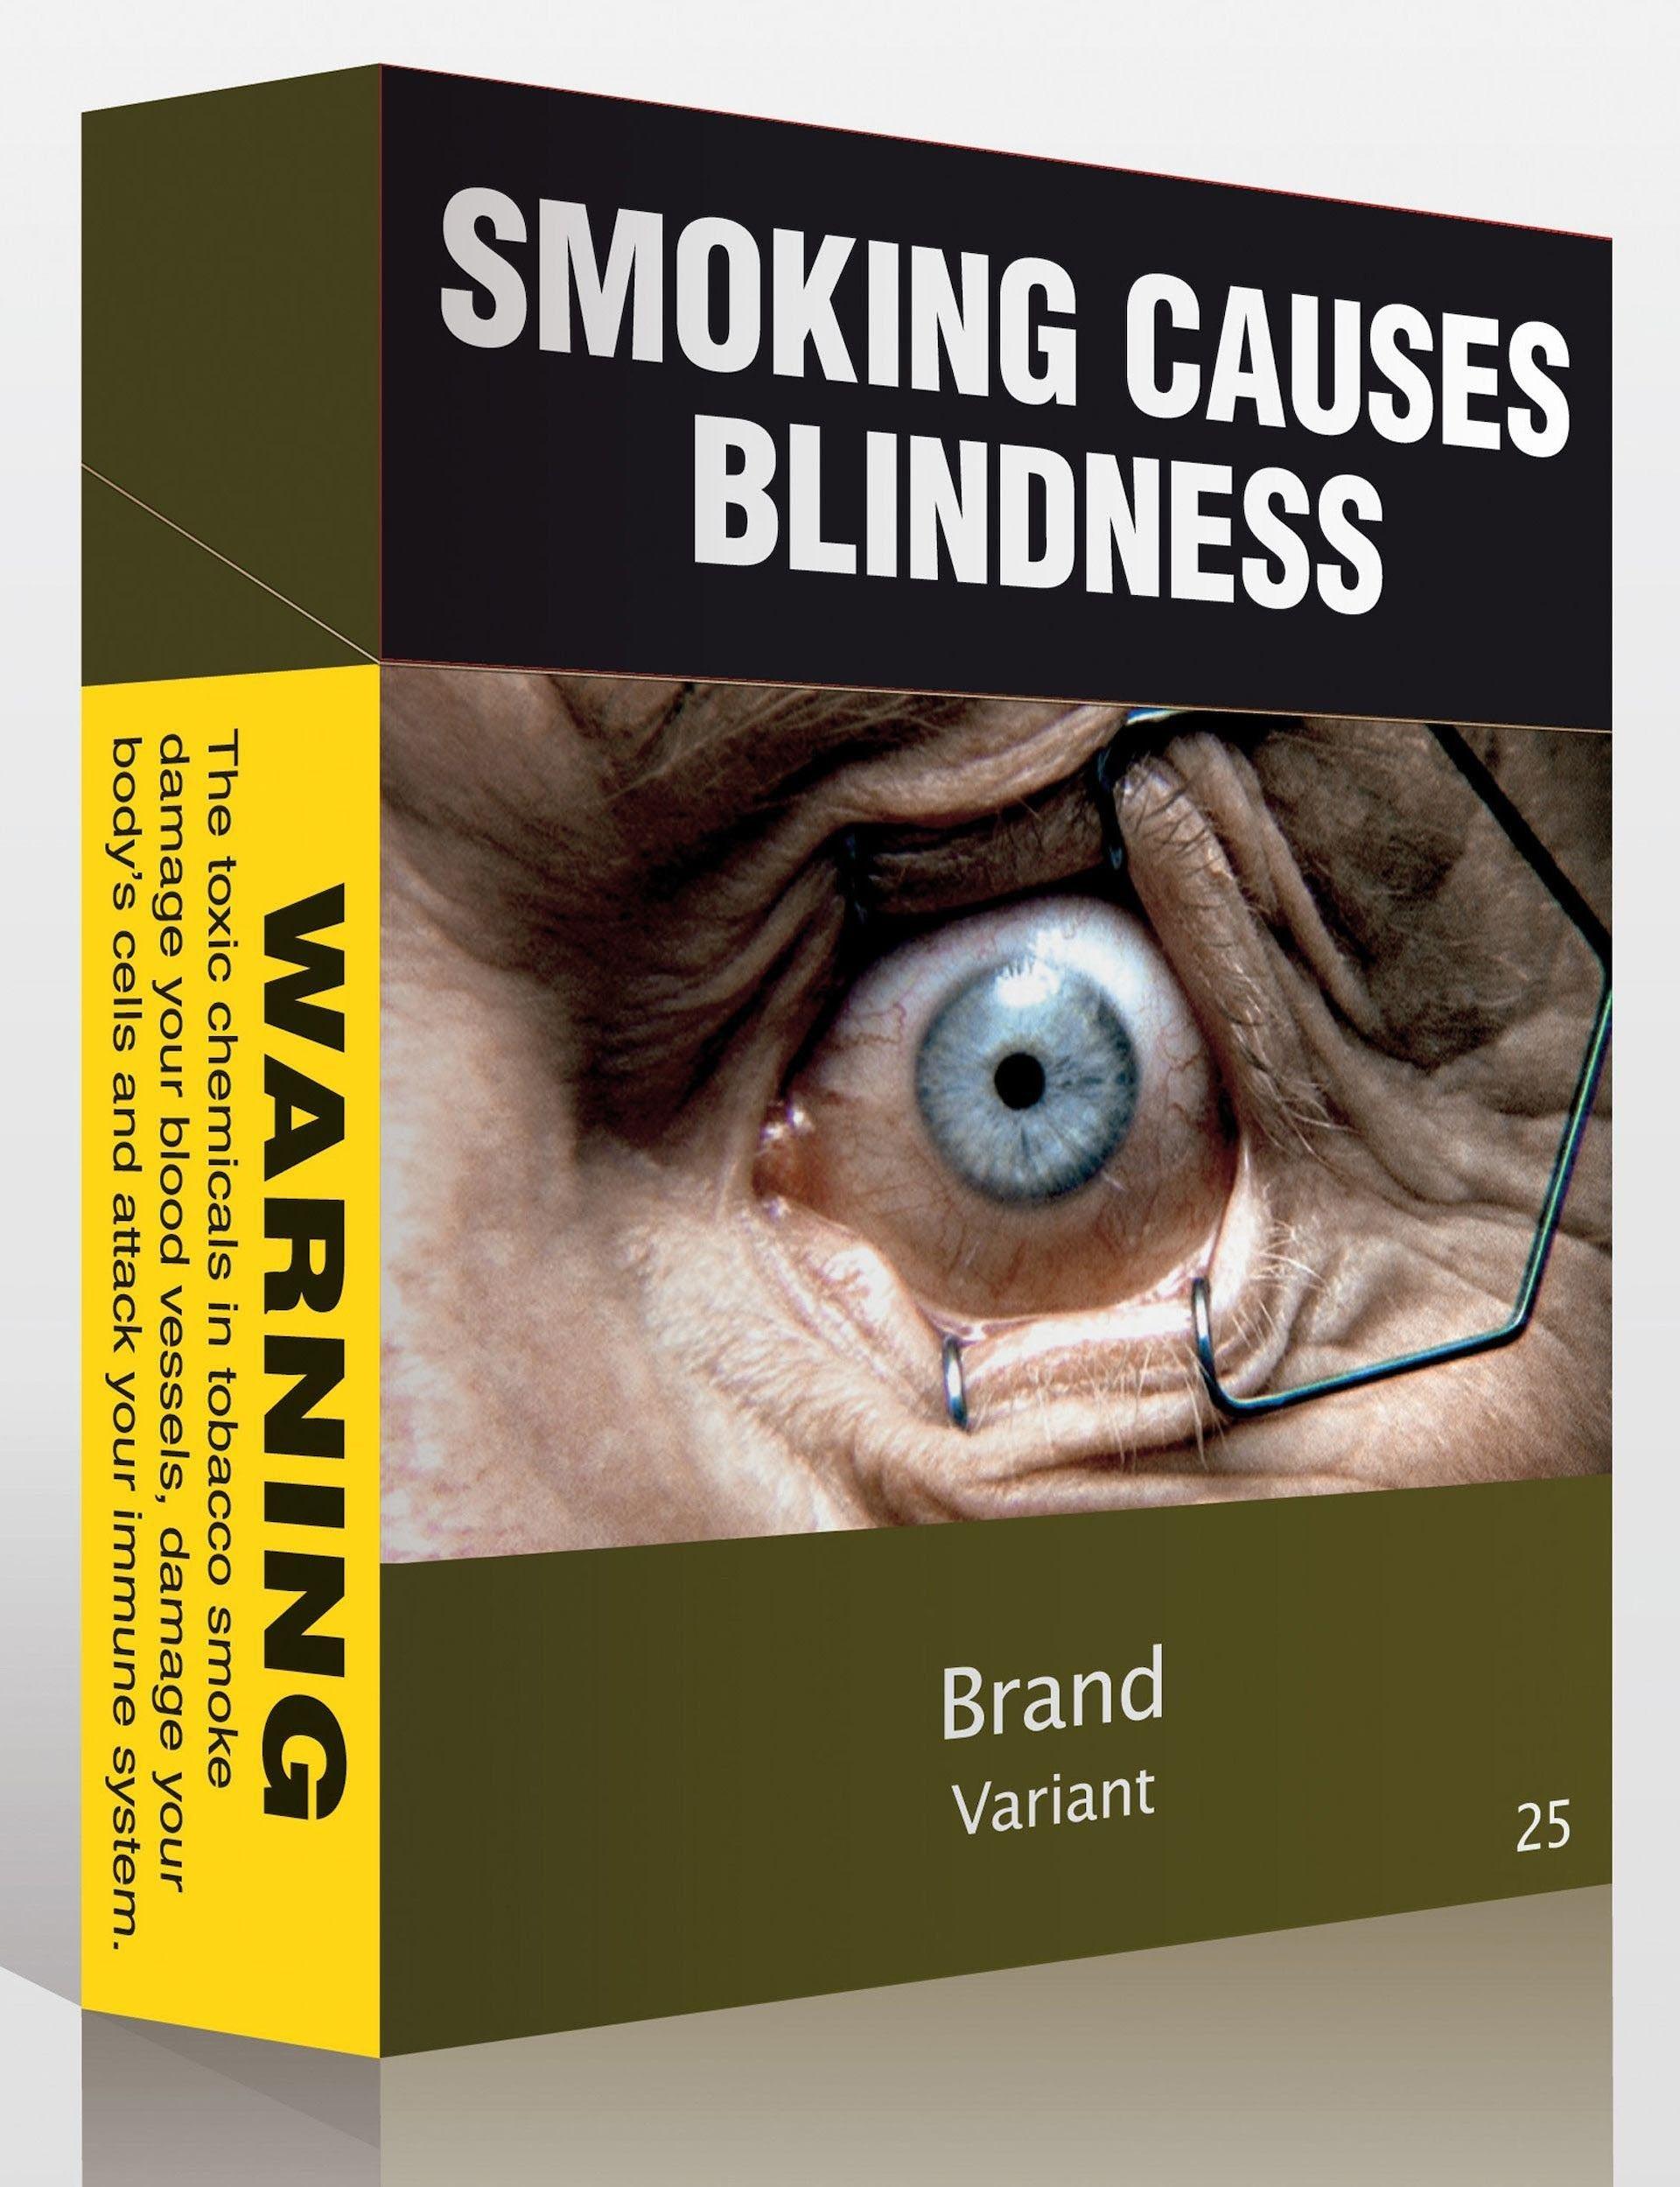 Much carton Marlboro cigarettes Florida